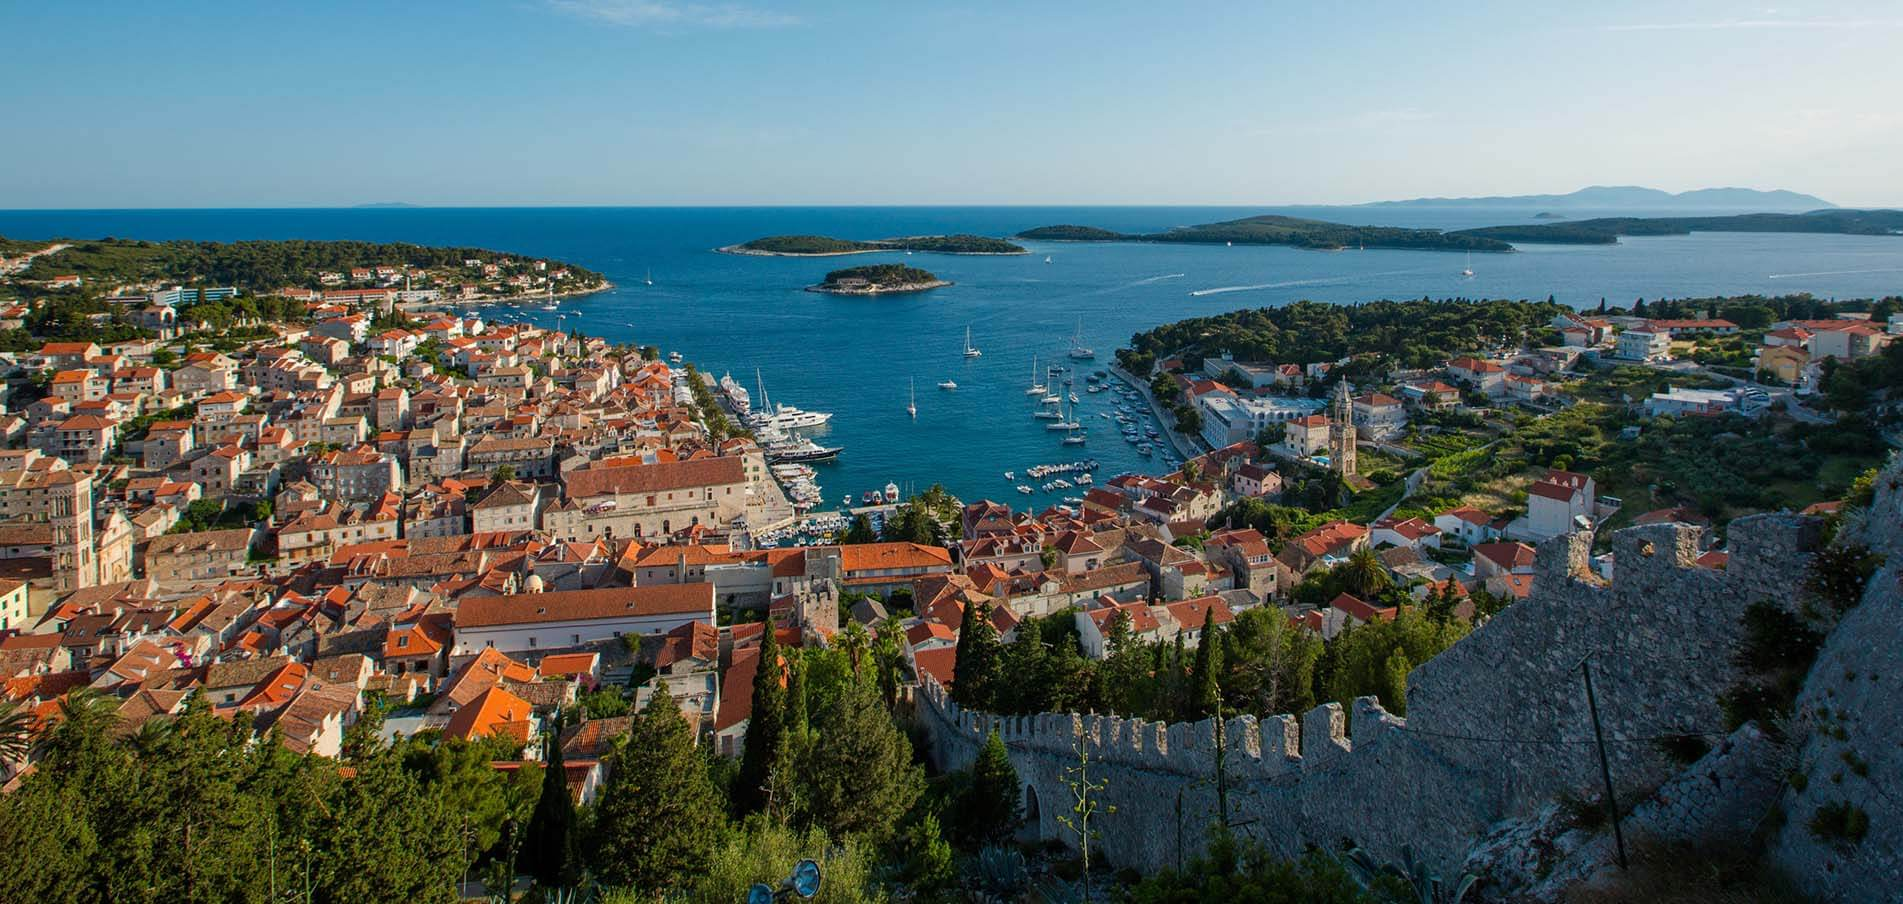 Location de yacht de luxe Croatie